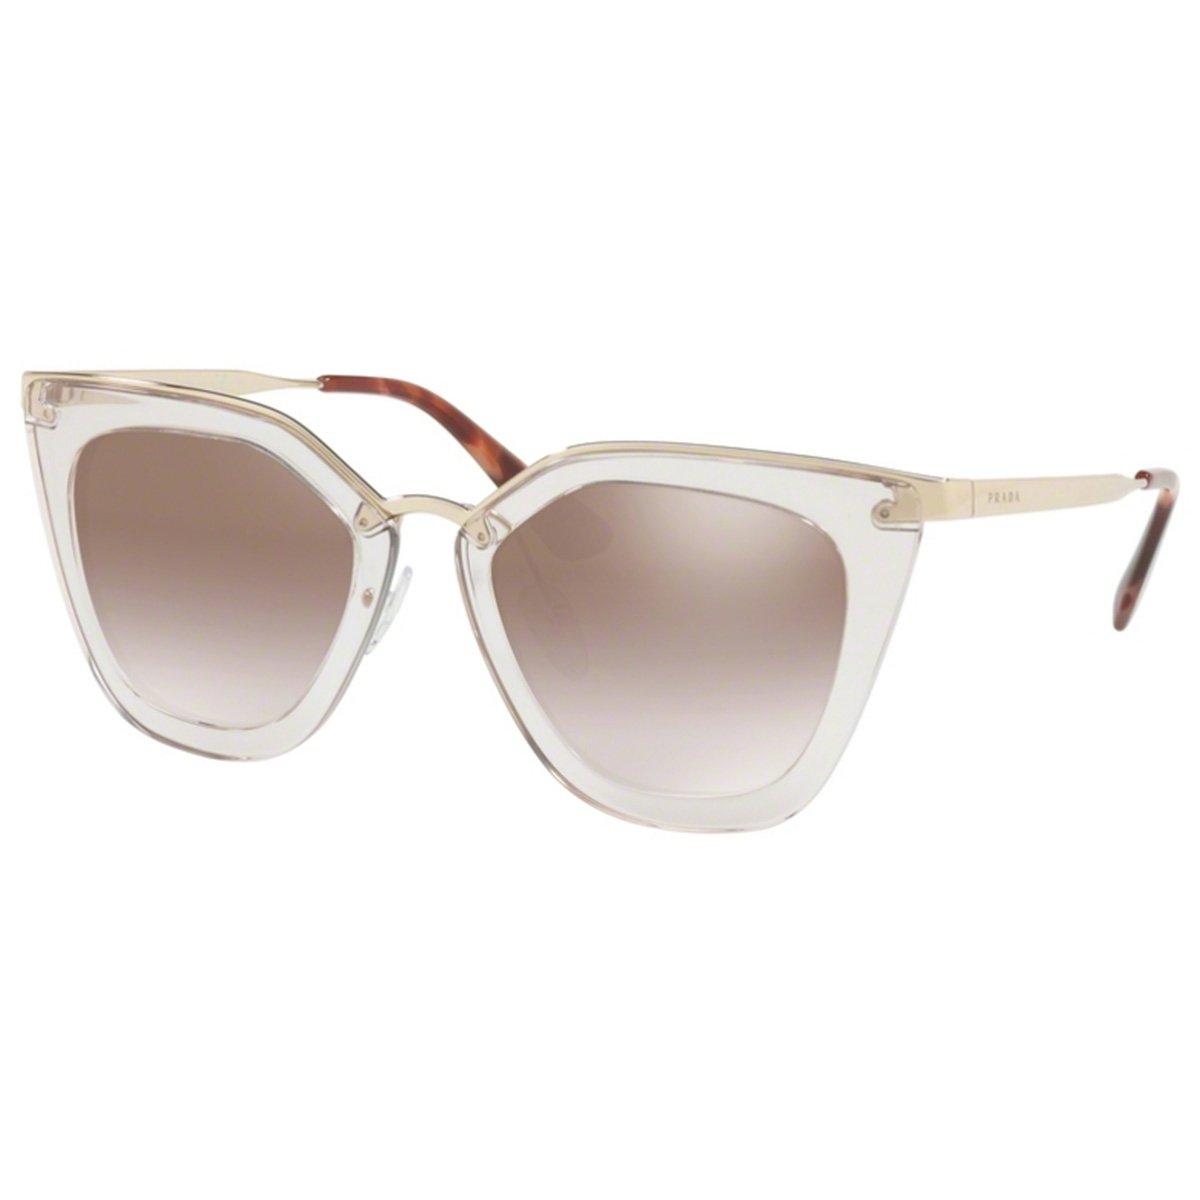 ... Compre Óculos de Sol Prada em 10X Tri-Jóia Shop b12408ca2e0242 ... 0eae977408